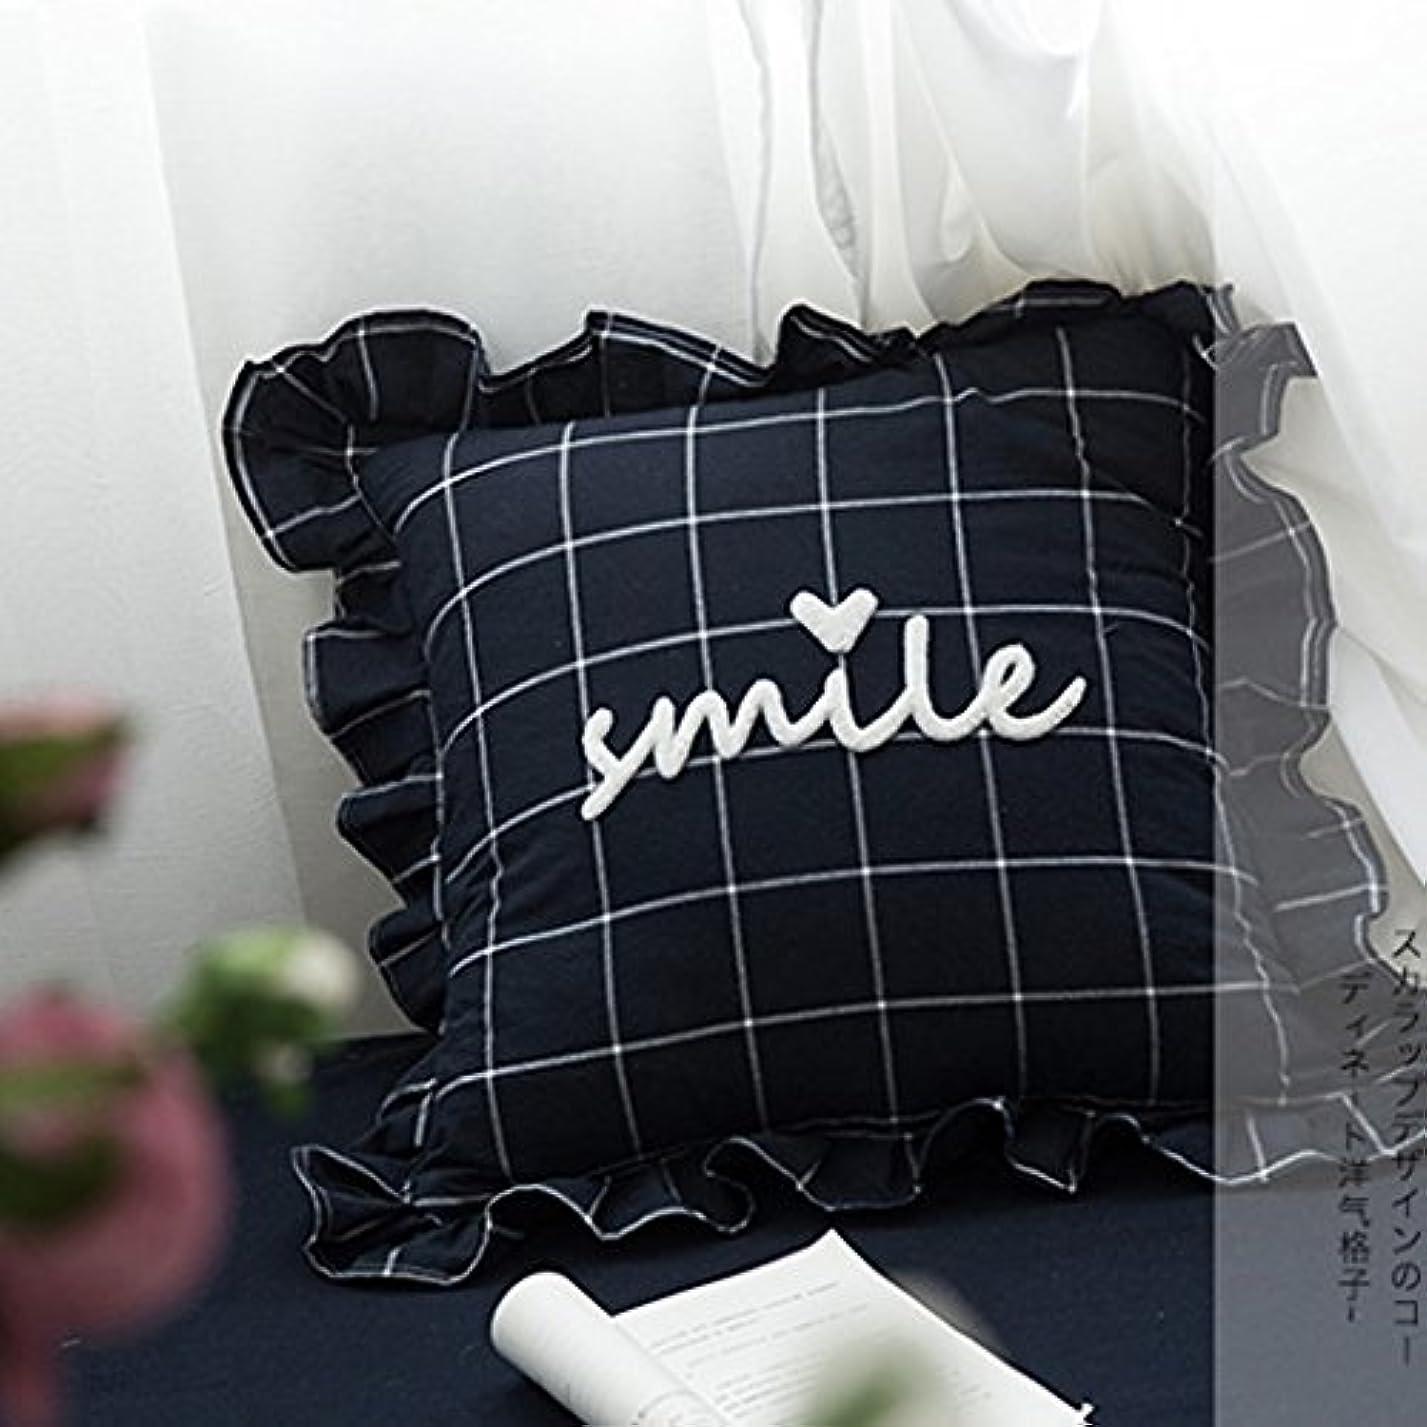 証明好戦的な基礎ソファーベッドの家の装飾のための古典的な格子縞の正方形の枕クッション - 青